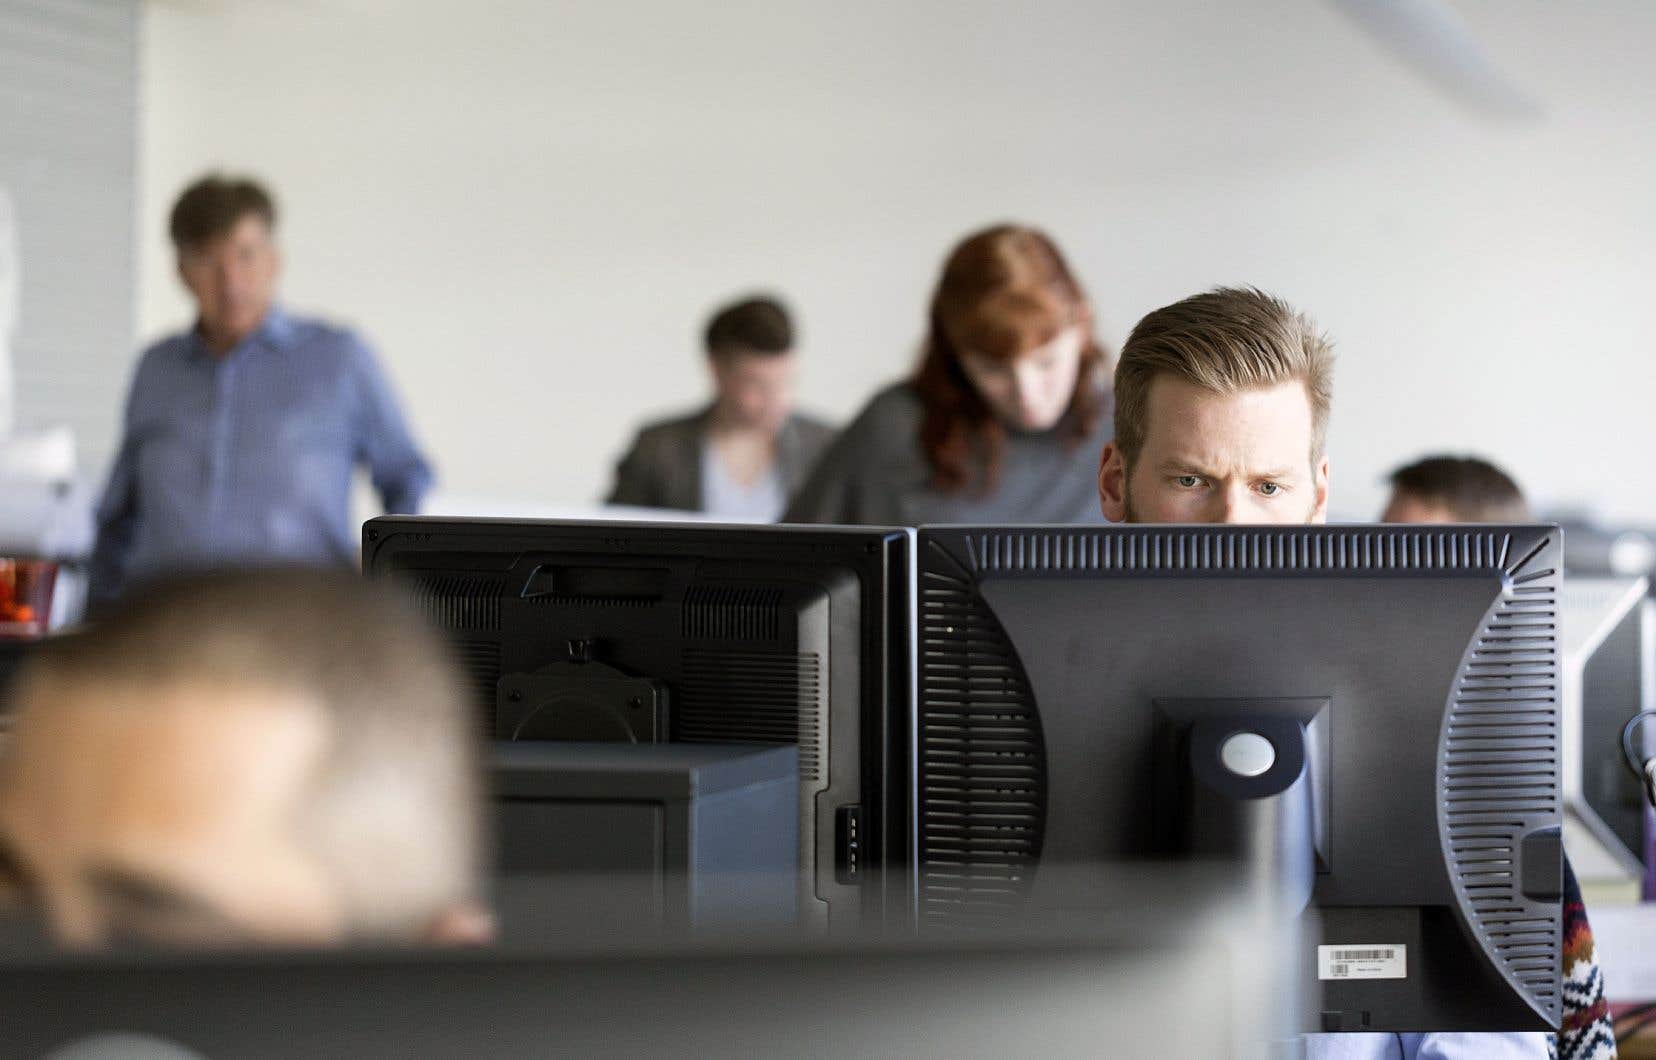 Les stages s'imposeront de plus en plus comme un incontournable moyen d'apprivoisement entre employeurs et employés, de formation et d'intégration au marché du travail.